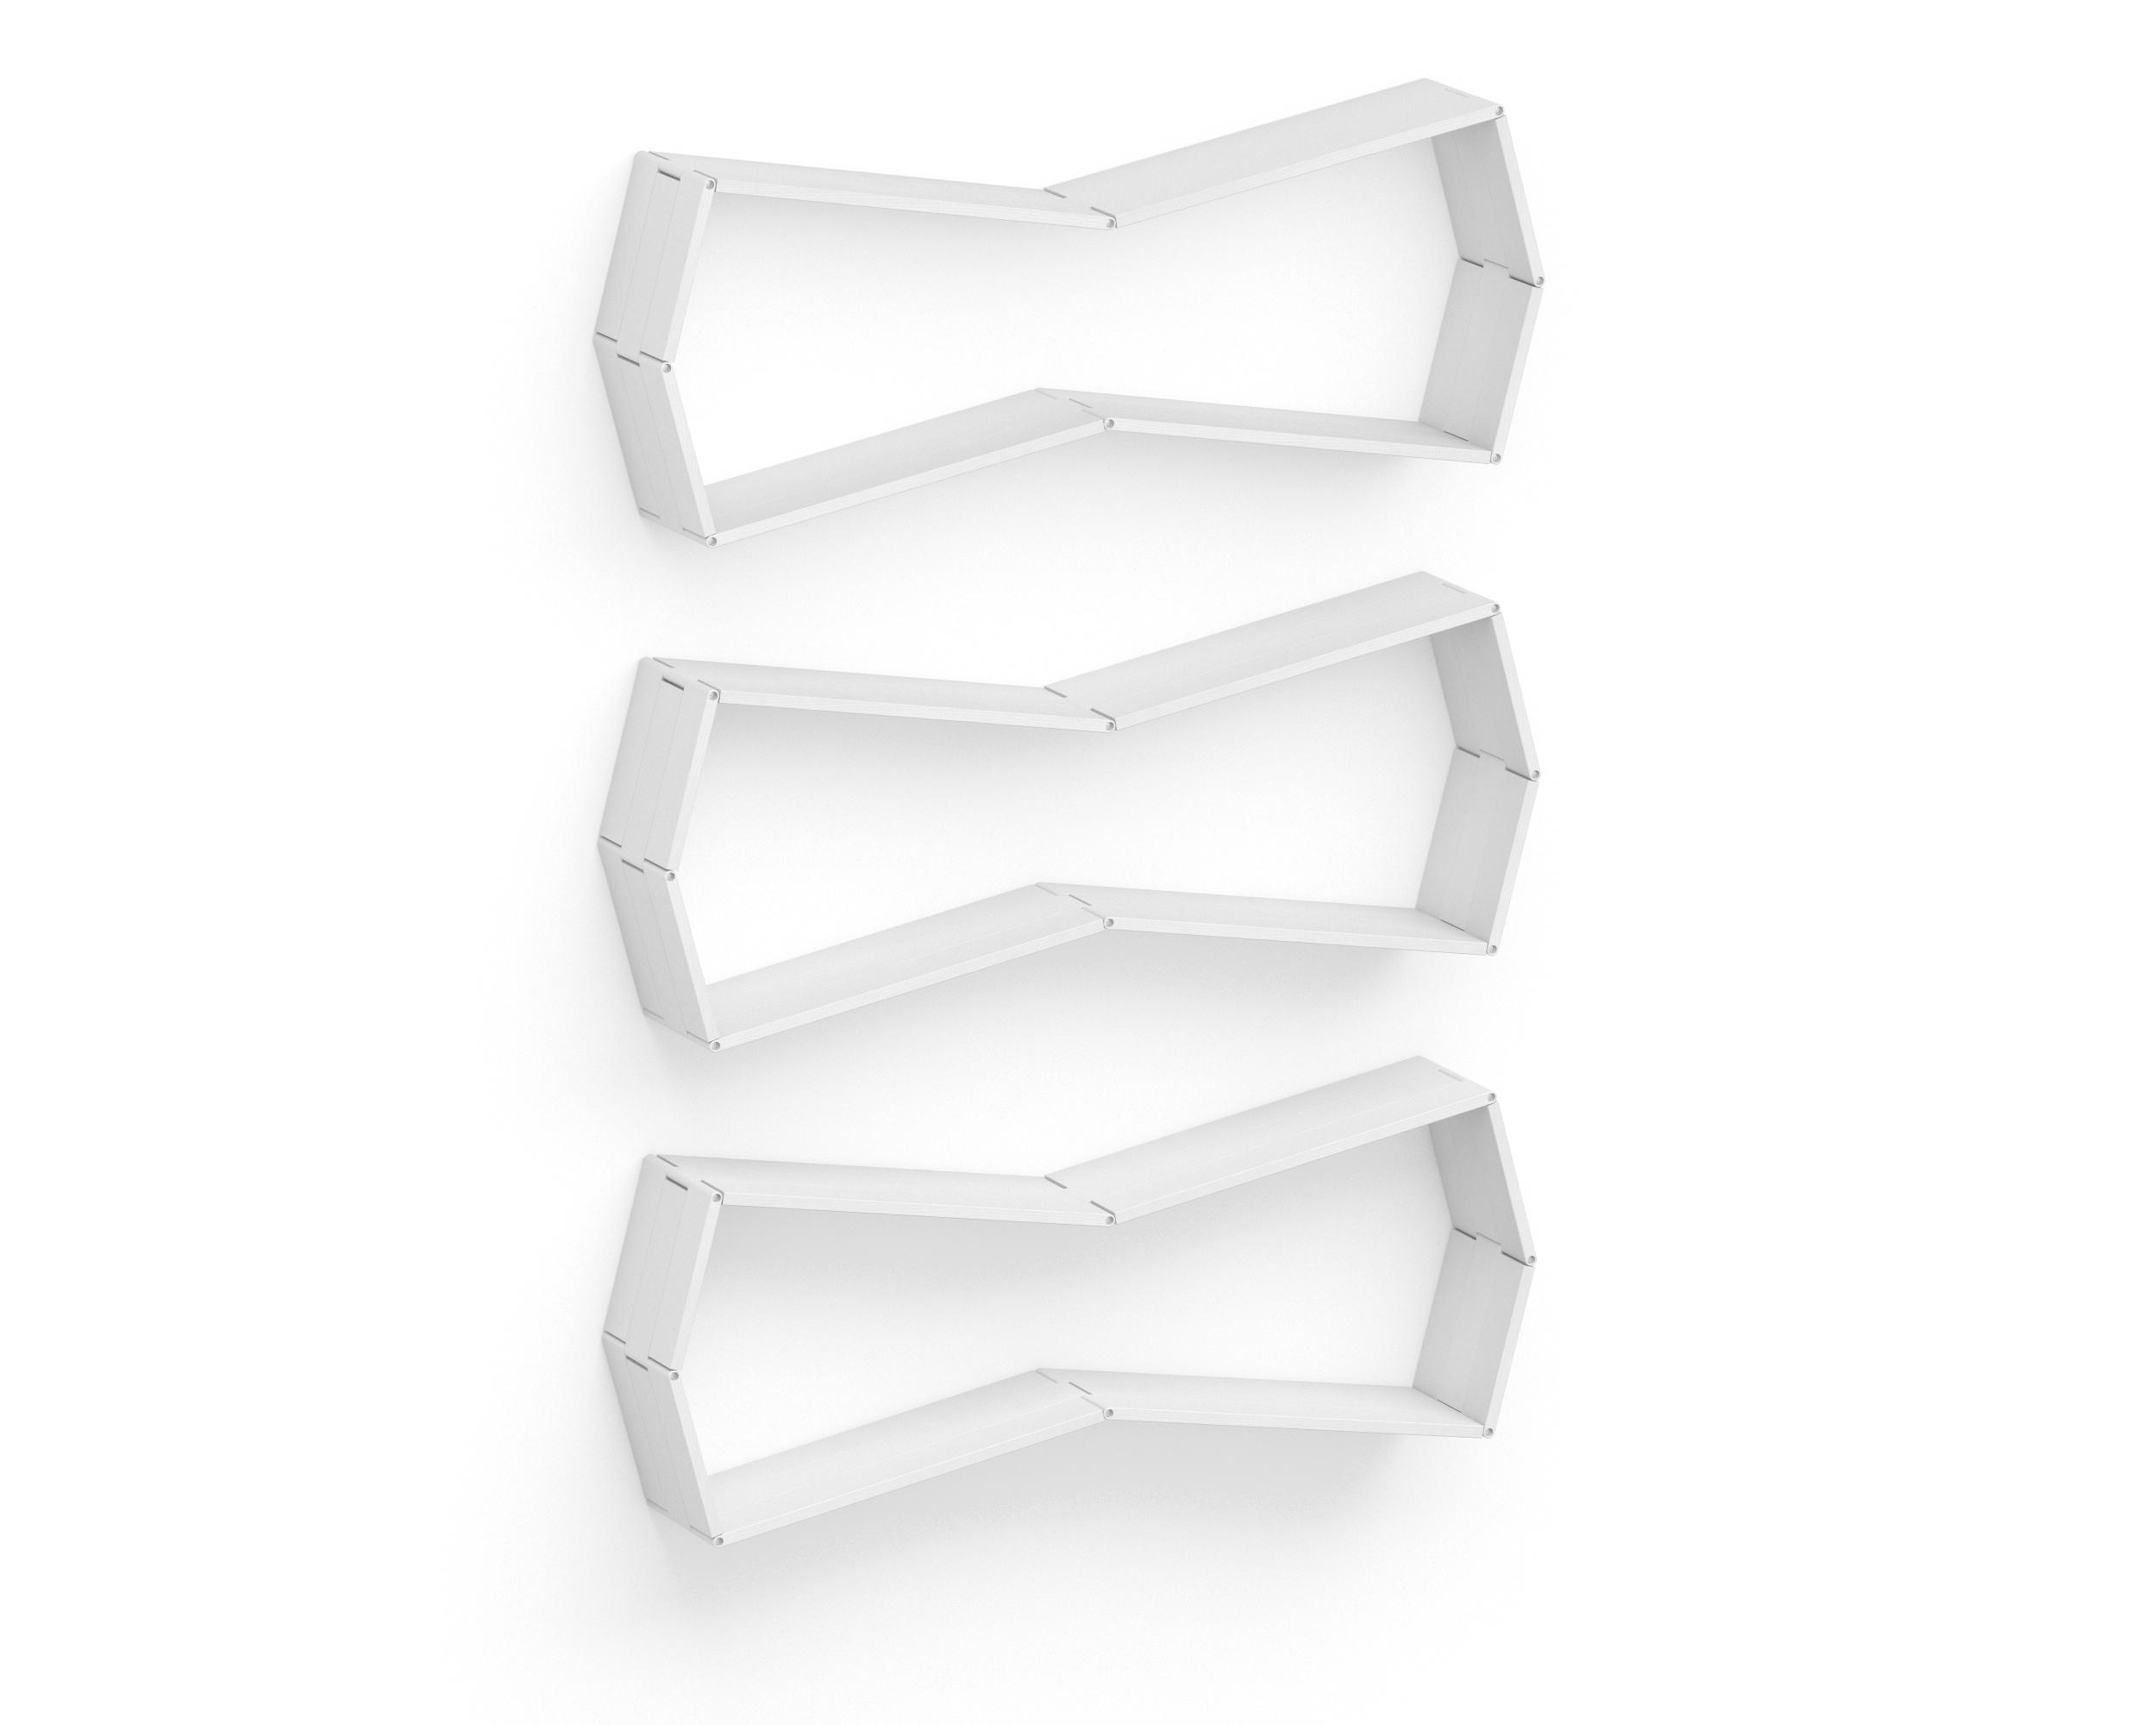 Полка-конструктор Flex Shelf 97Полки<br>цвет: натуральный ясень, красный, оранжевый, зеленый, голубой, сиреневый, белый, черный<br><br>Material: Ясень<br>Ширина см: 129.0<br>Высота см: 193.0<br>Глубина см: 22.0